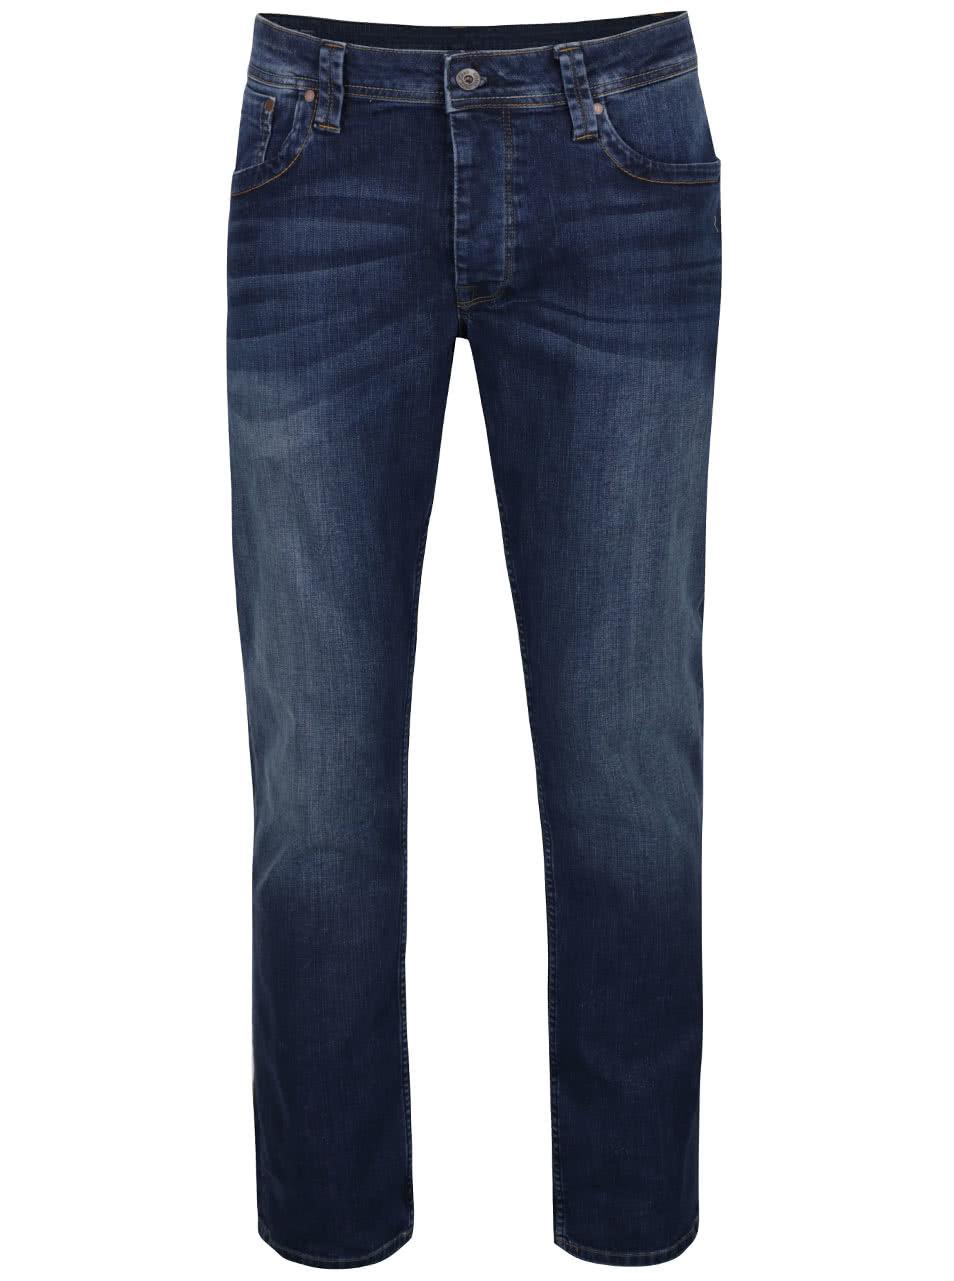 Tmavě modré pánské džíny Pepe Jeans Cash ... ba67dd2311